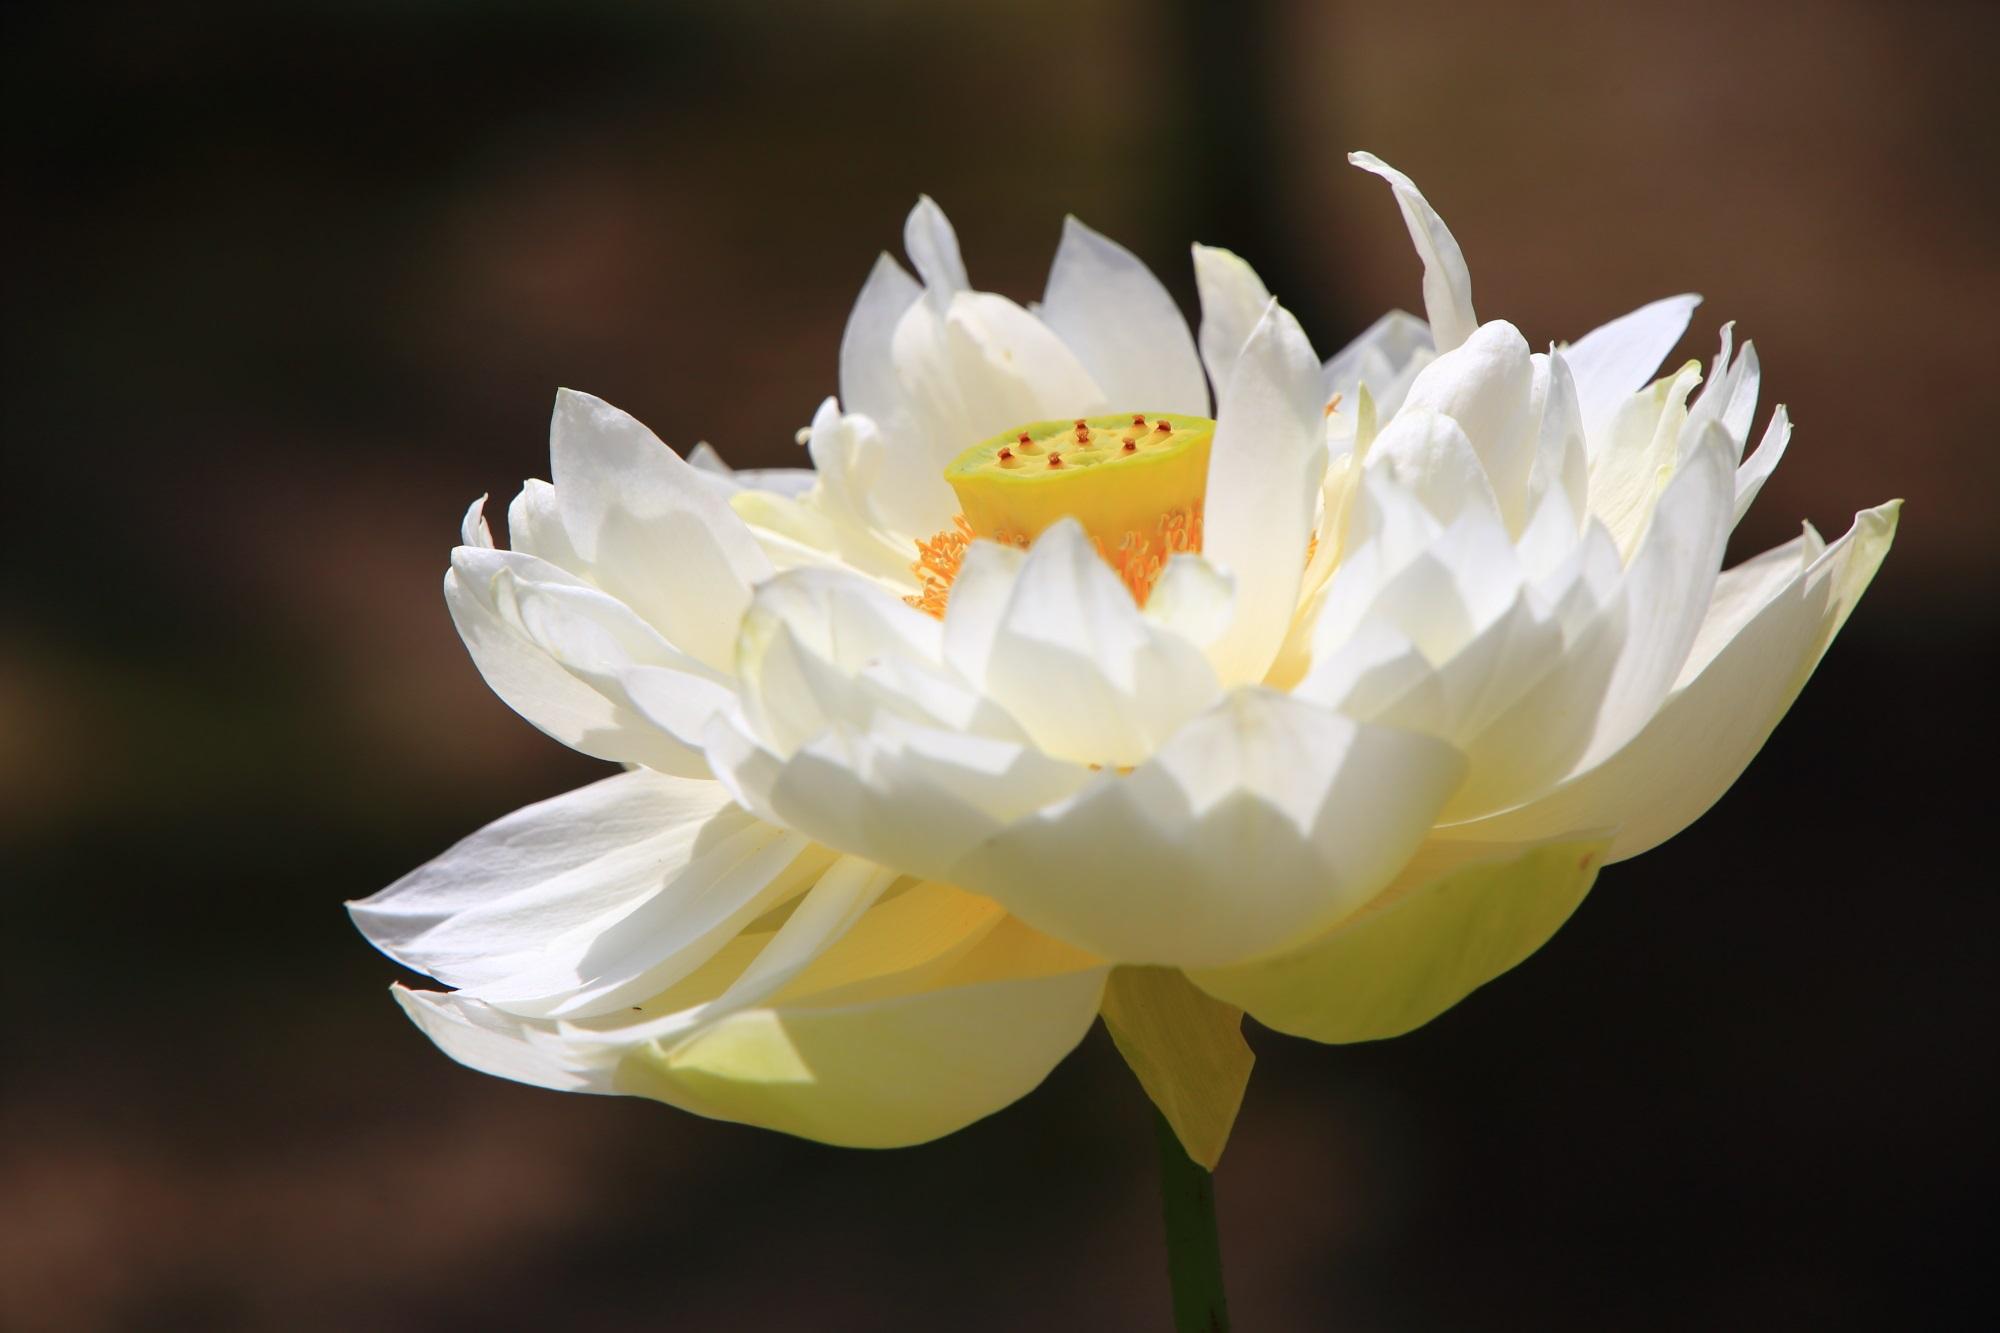 黄檗山萬福寺の花びらをいっぱいつけた爽やかな白い蓮の花